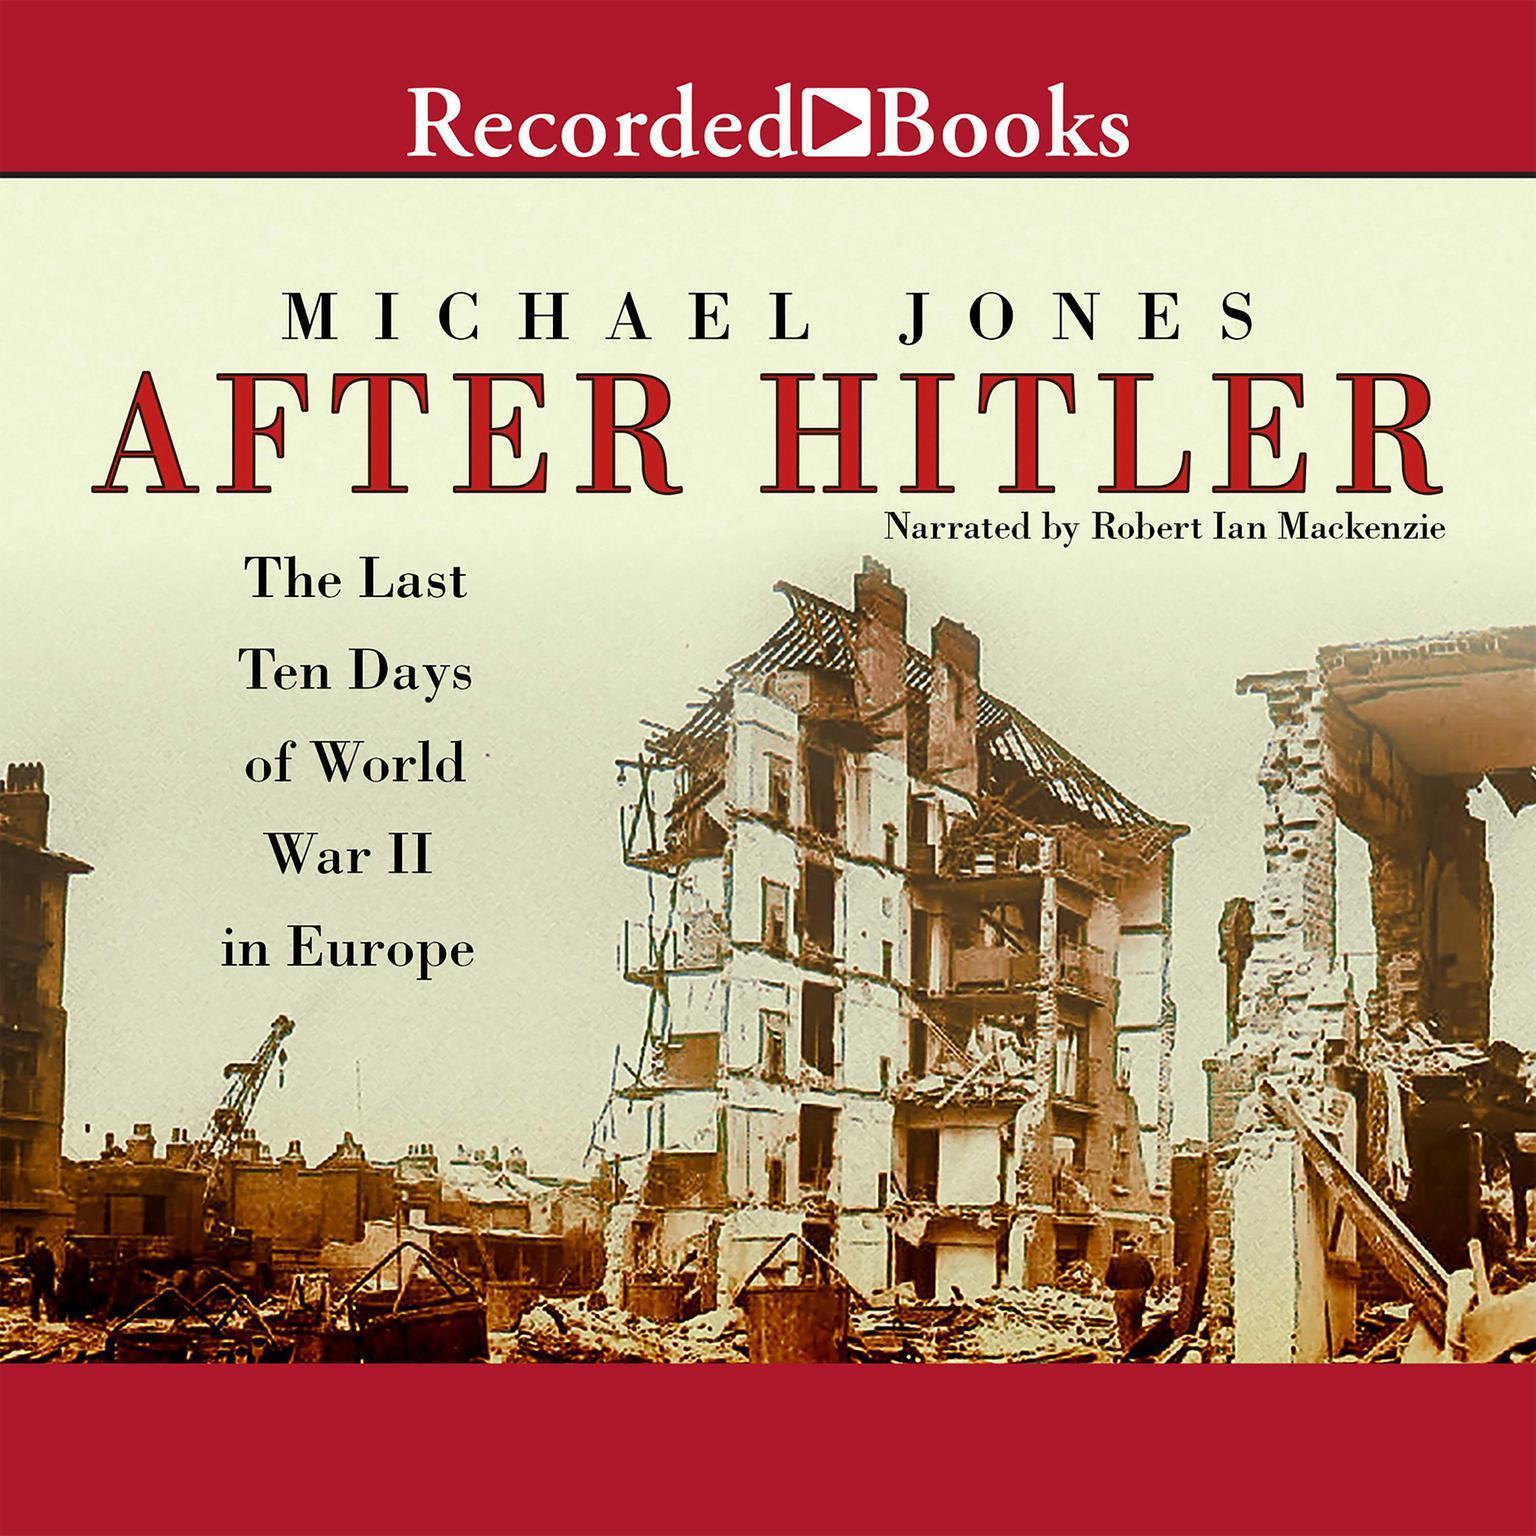 After Hitler: The Last Ten Days of World War II in Europe Audiobook, by Michael Jones